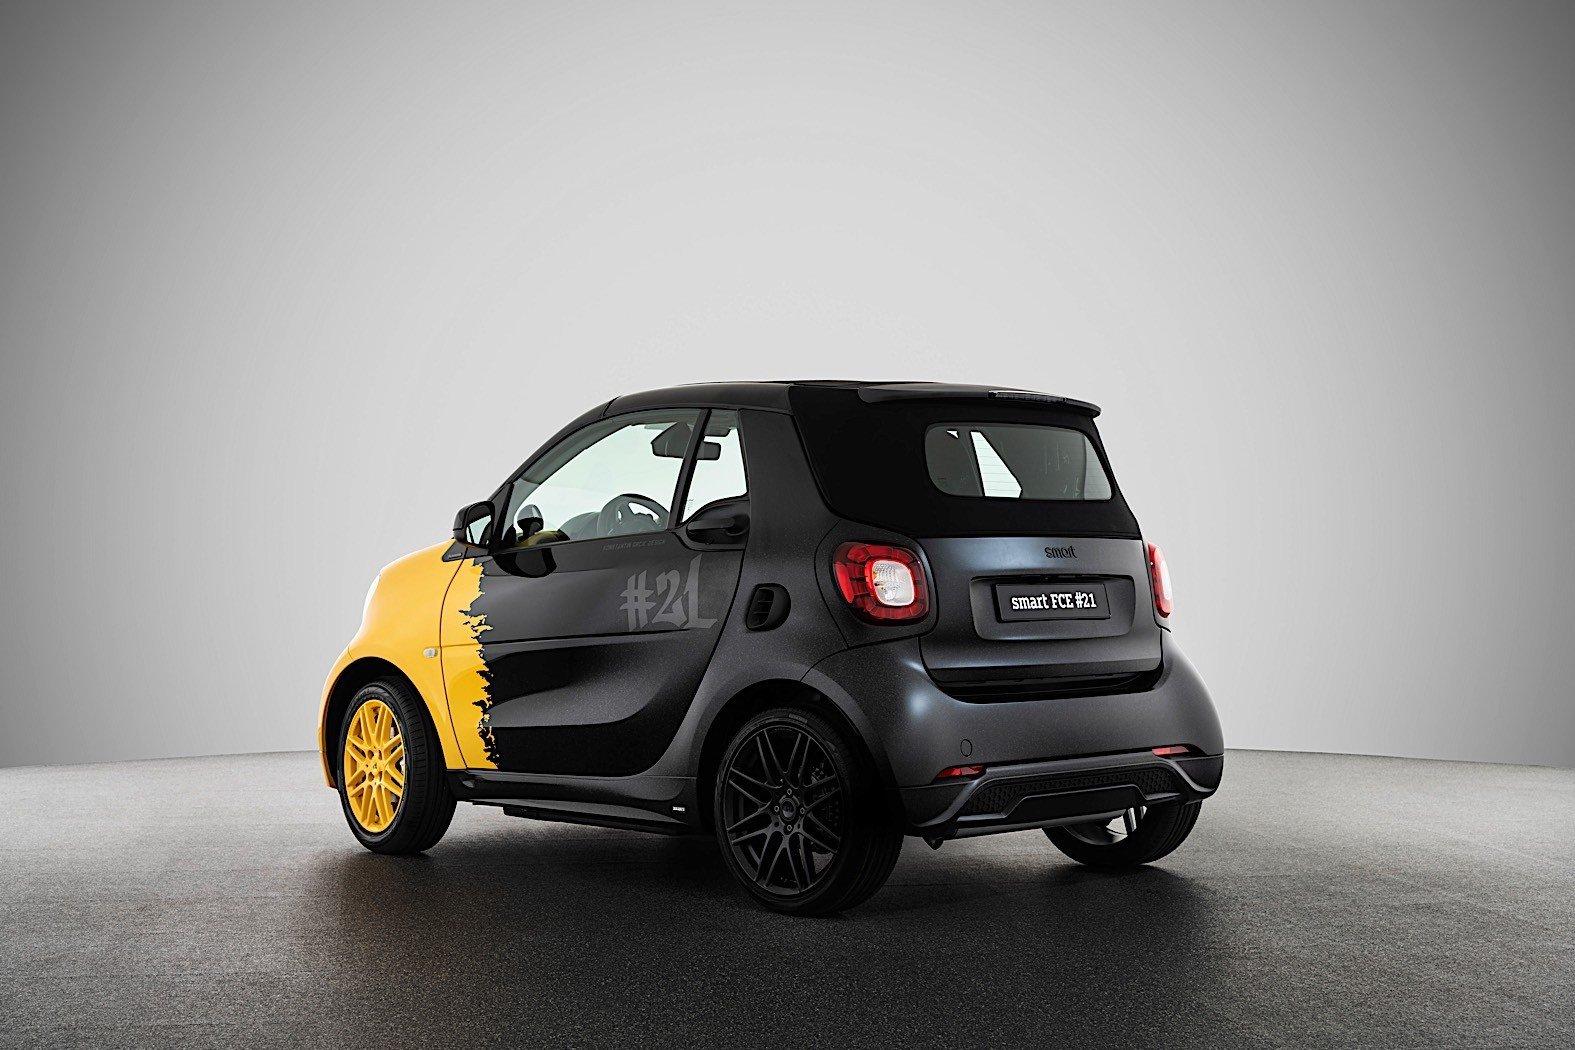 Smart прощается с бензиновыми двигателями лимитированной спецверсией Fortwo #21